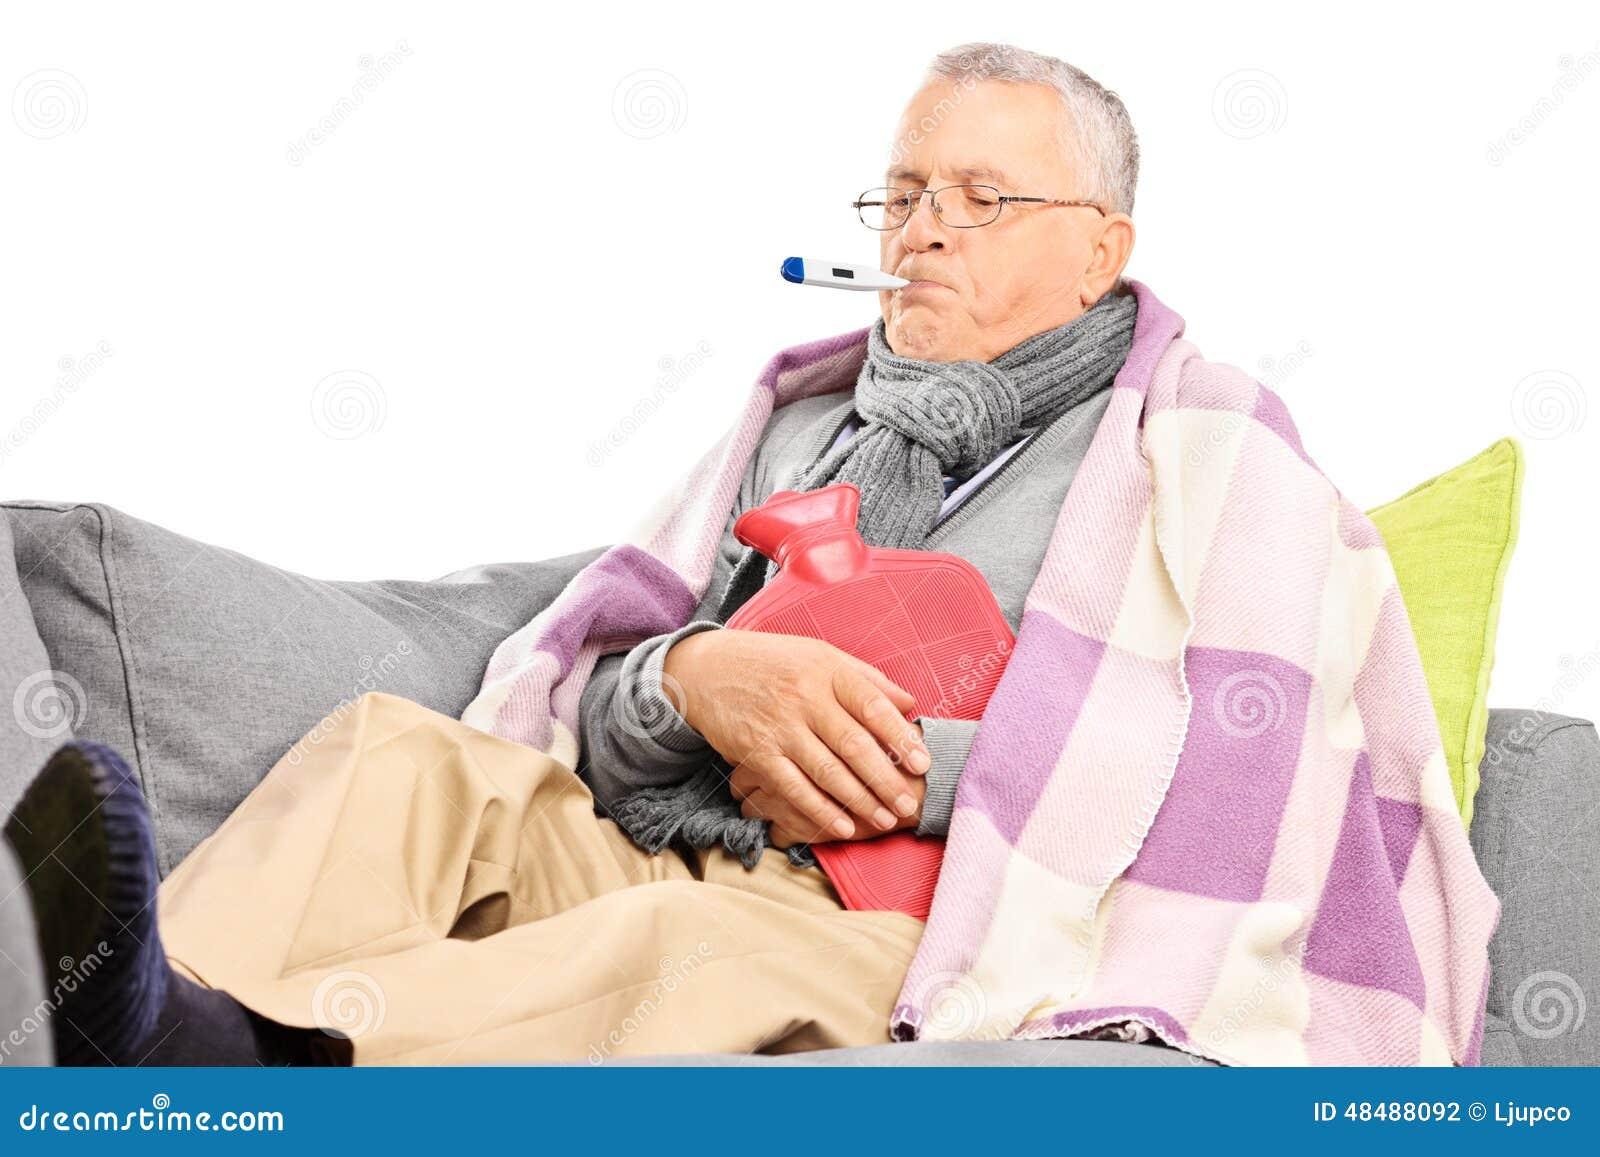 Sick senior measuring his body temperature